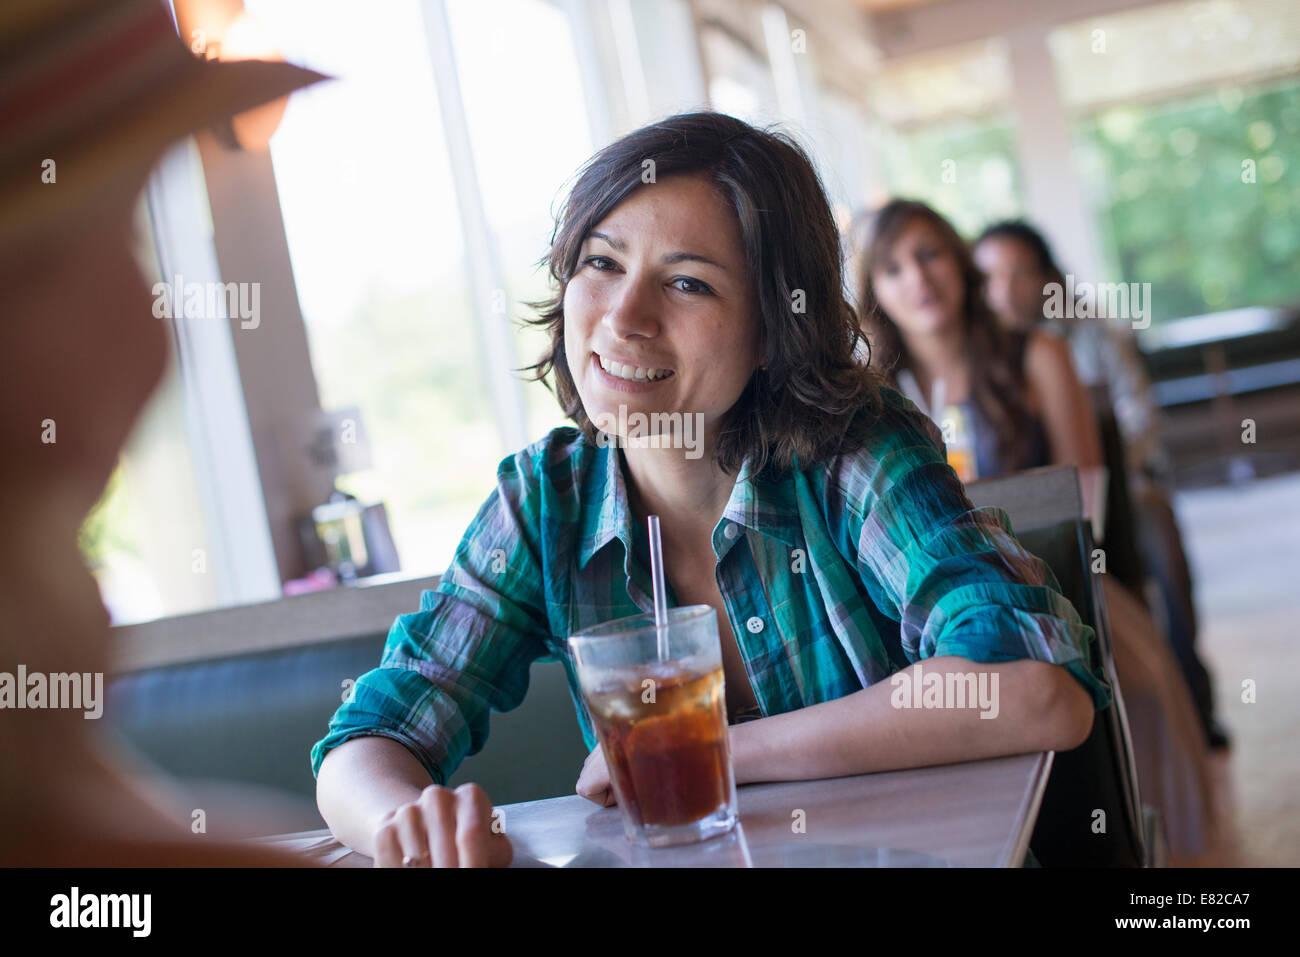 Une femme assise à un diner en regardant son compagnon. Une boisson fraîche avec une paille. Photo Stock